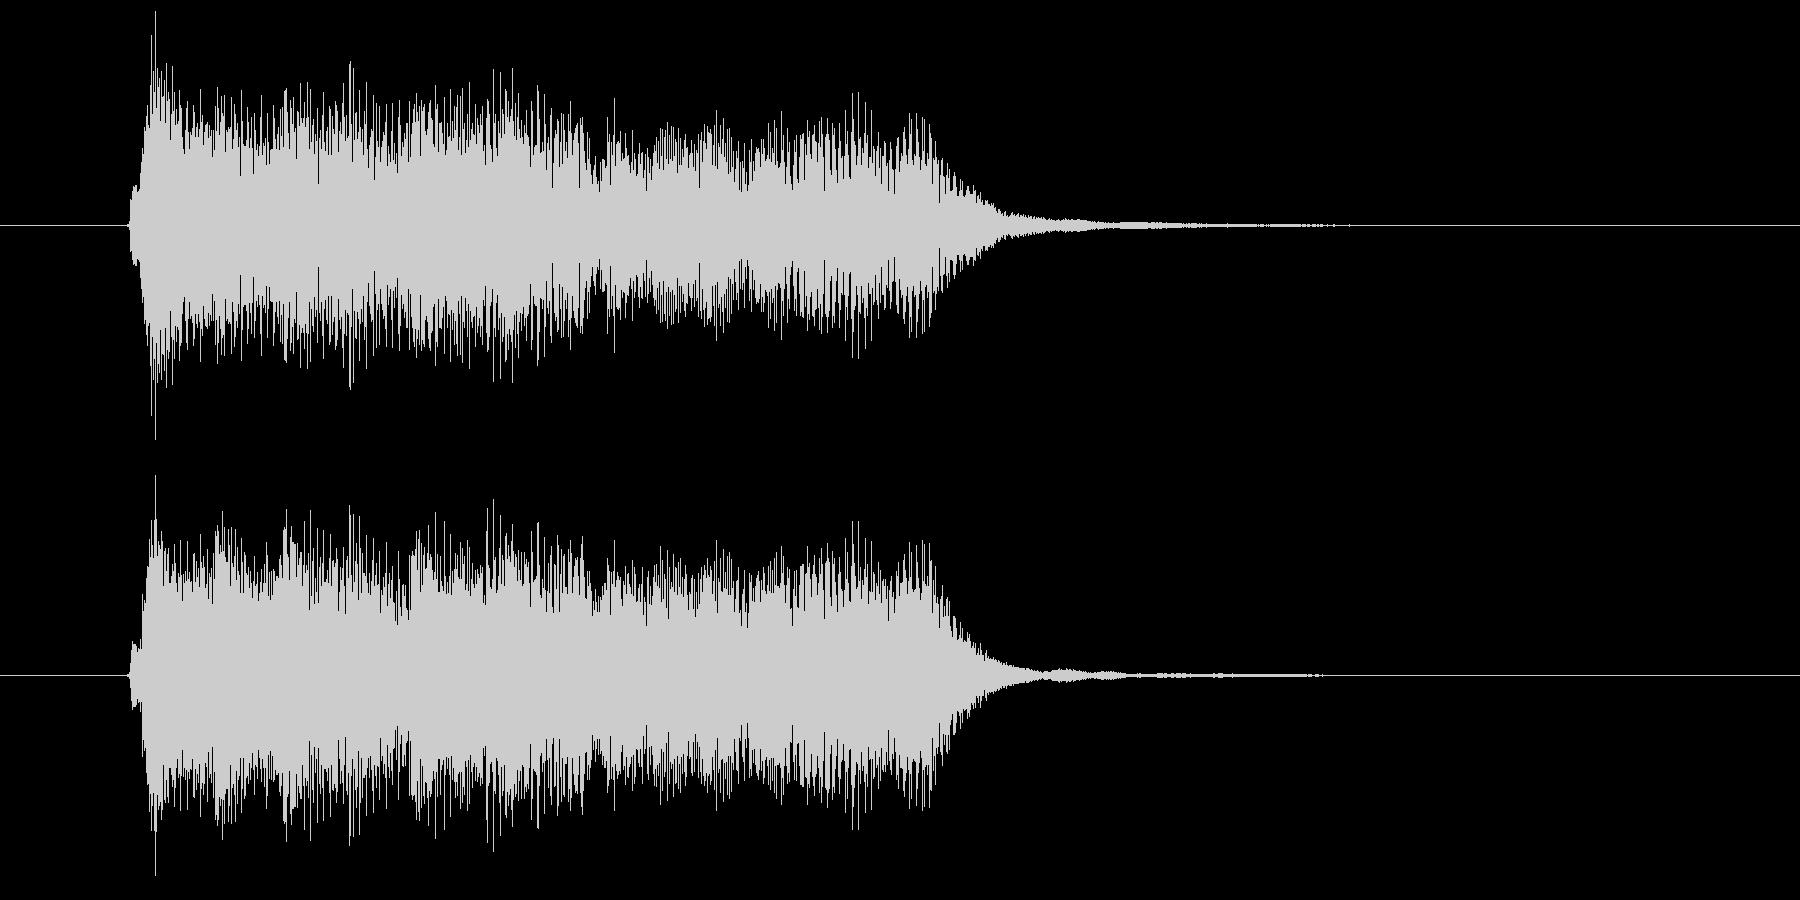 綺麗なフルートが印象的なBGMの未再生の波形